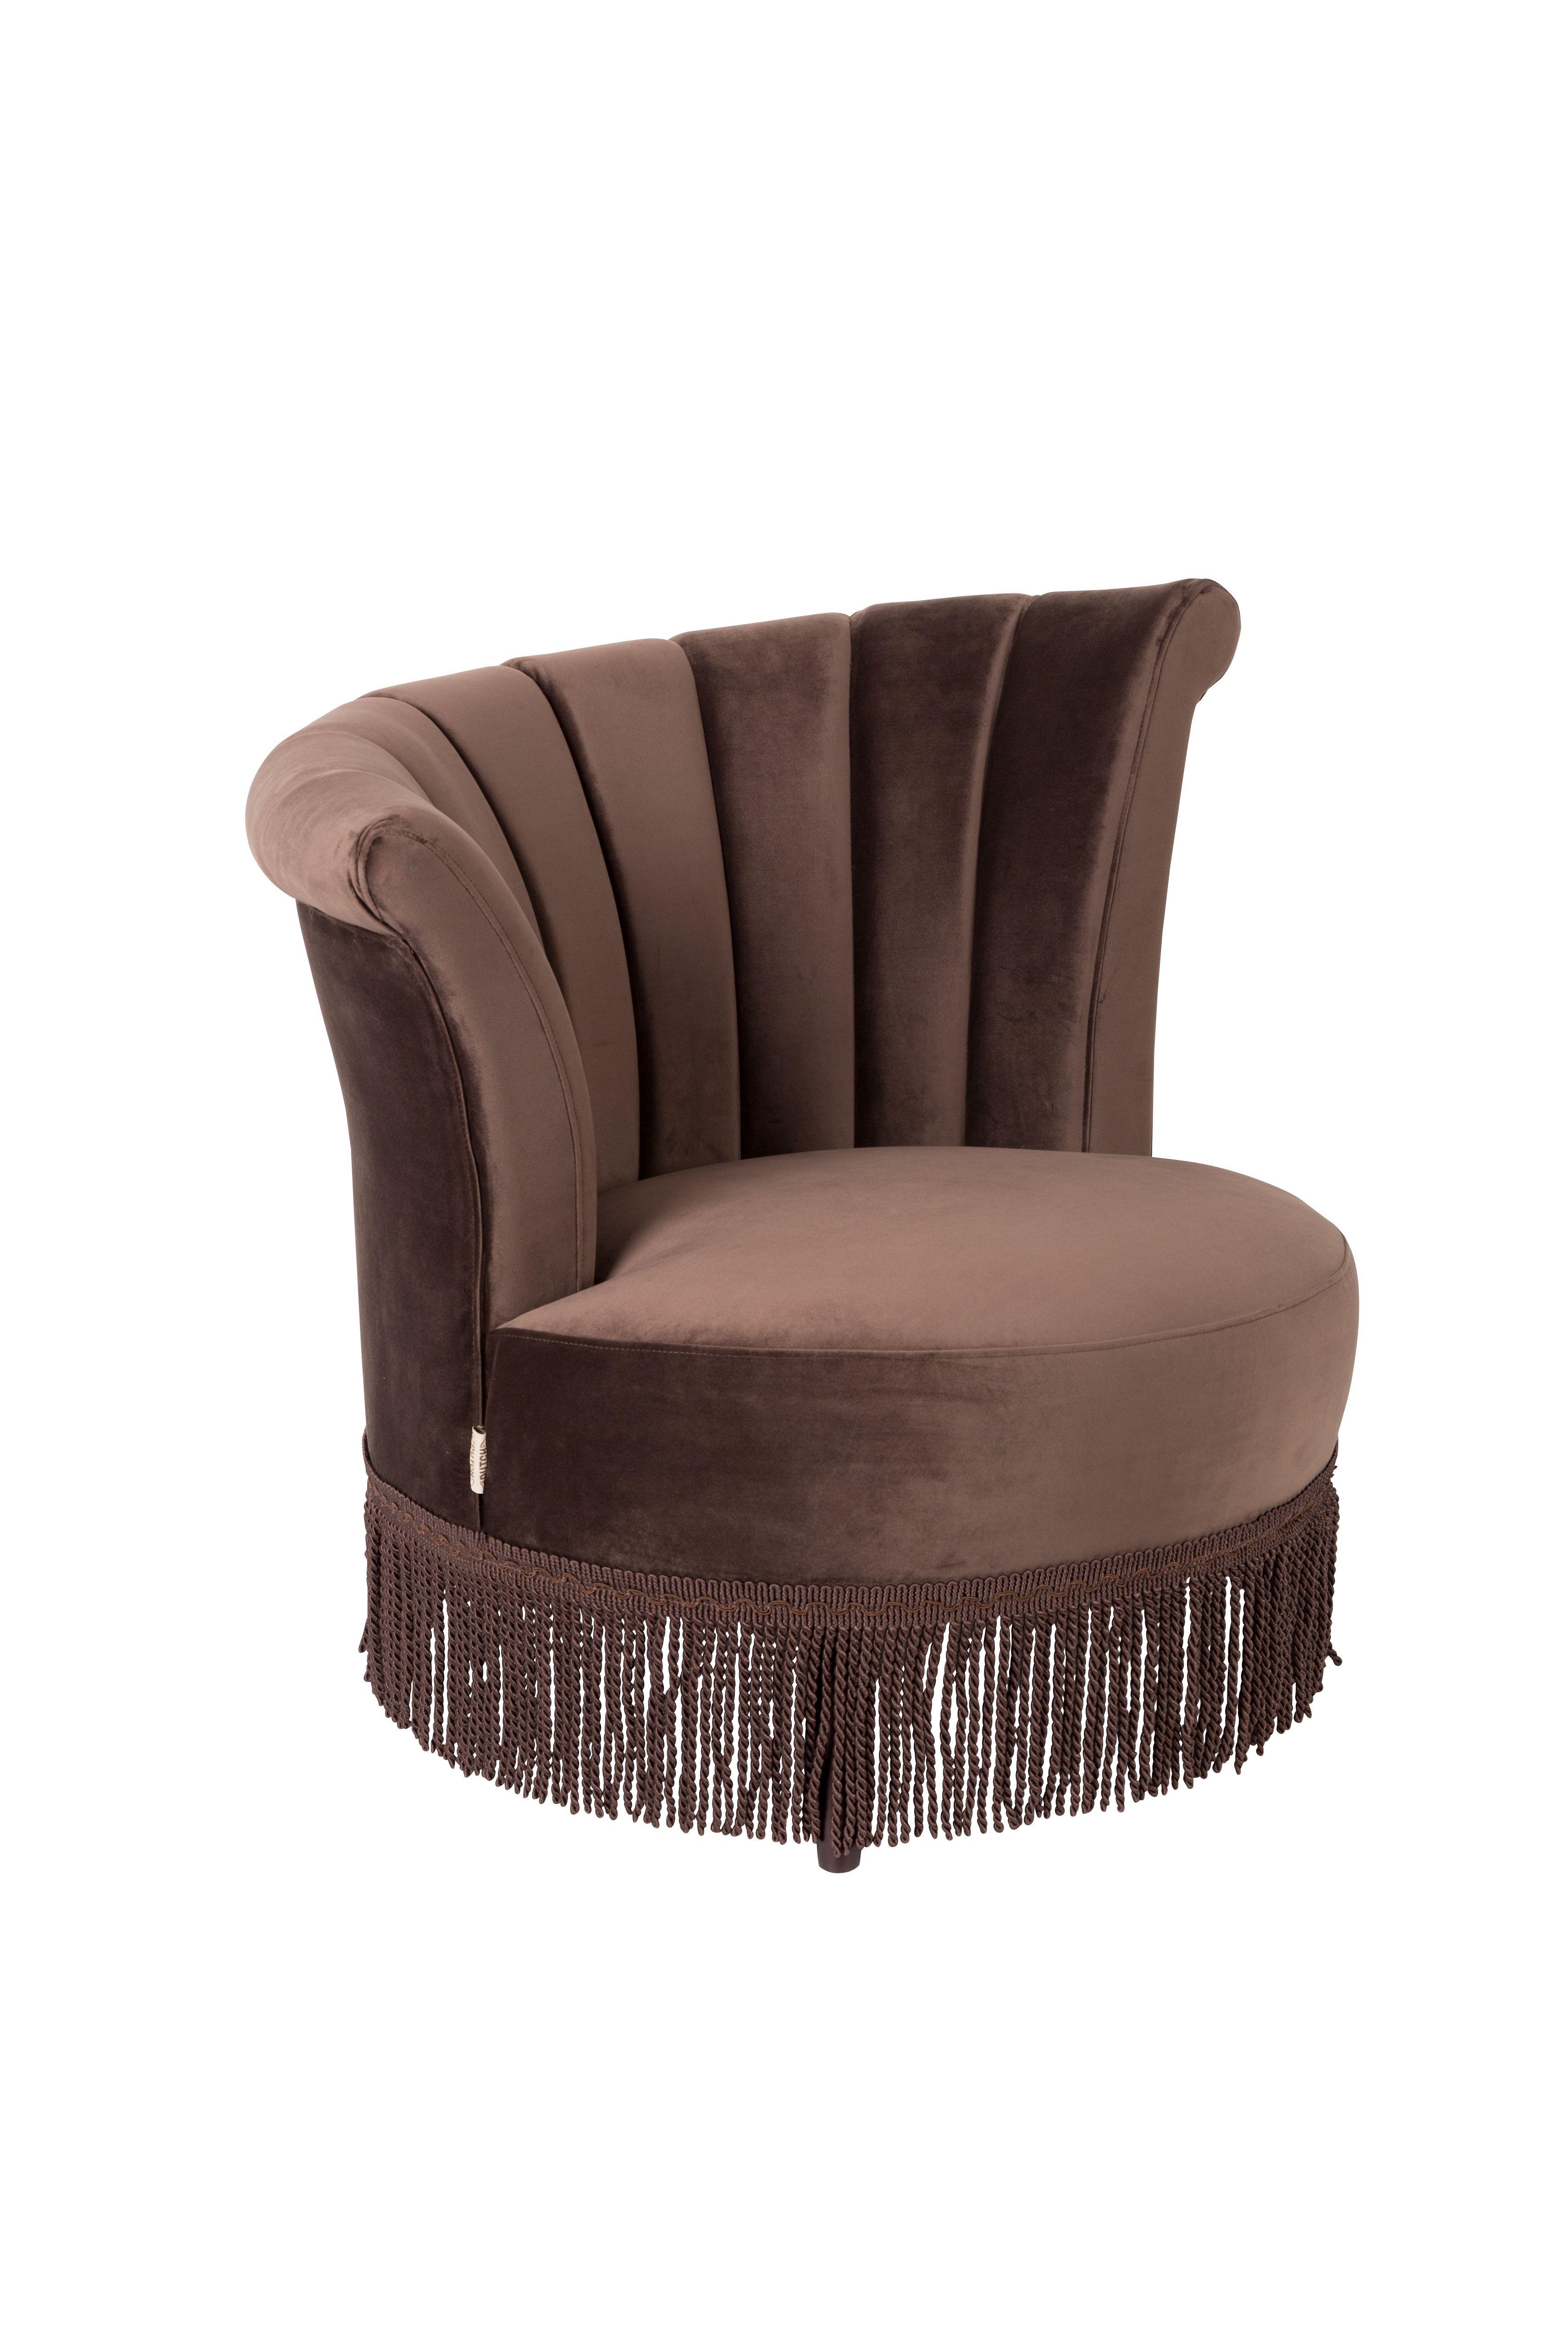 Flair Lounge Chair Pinterest